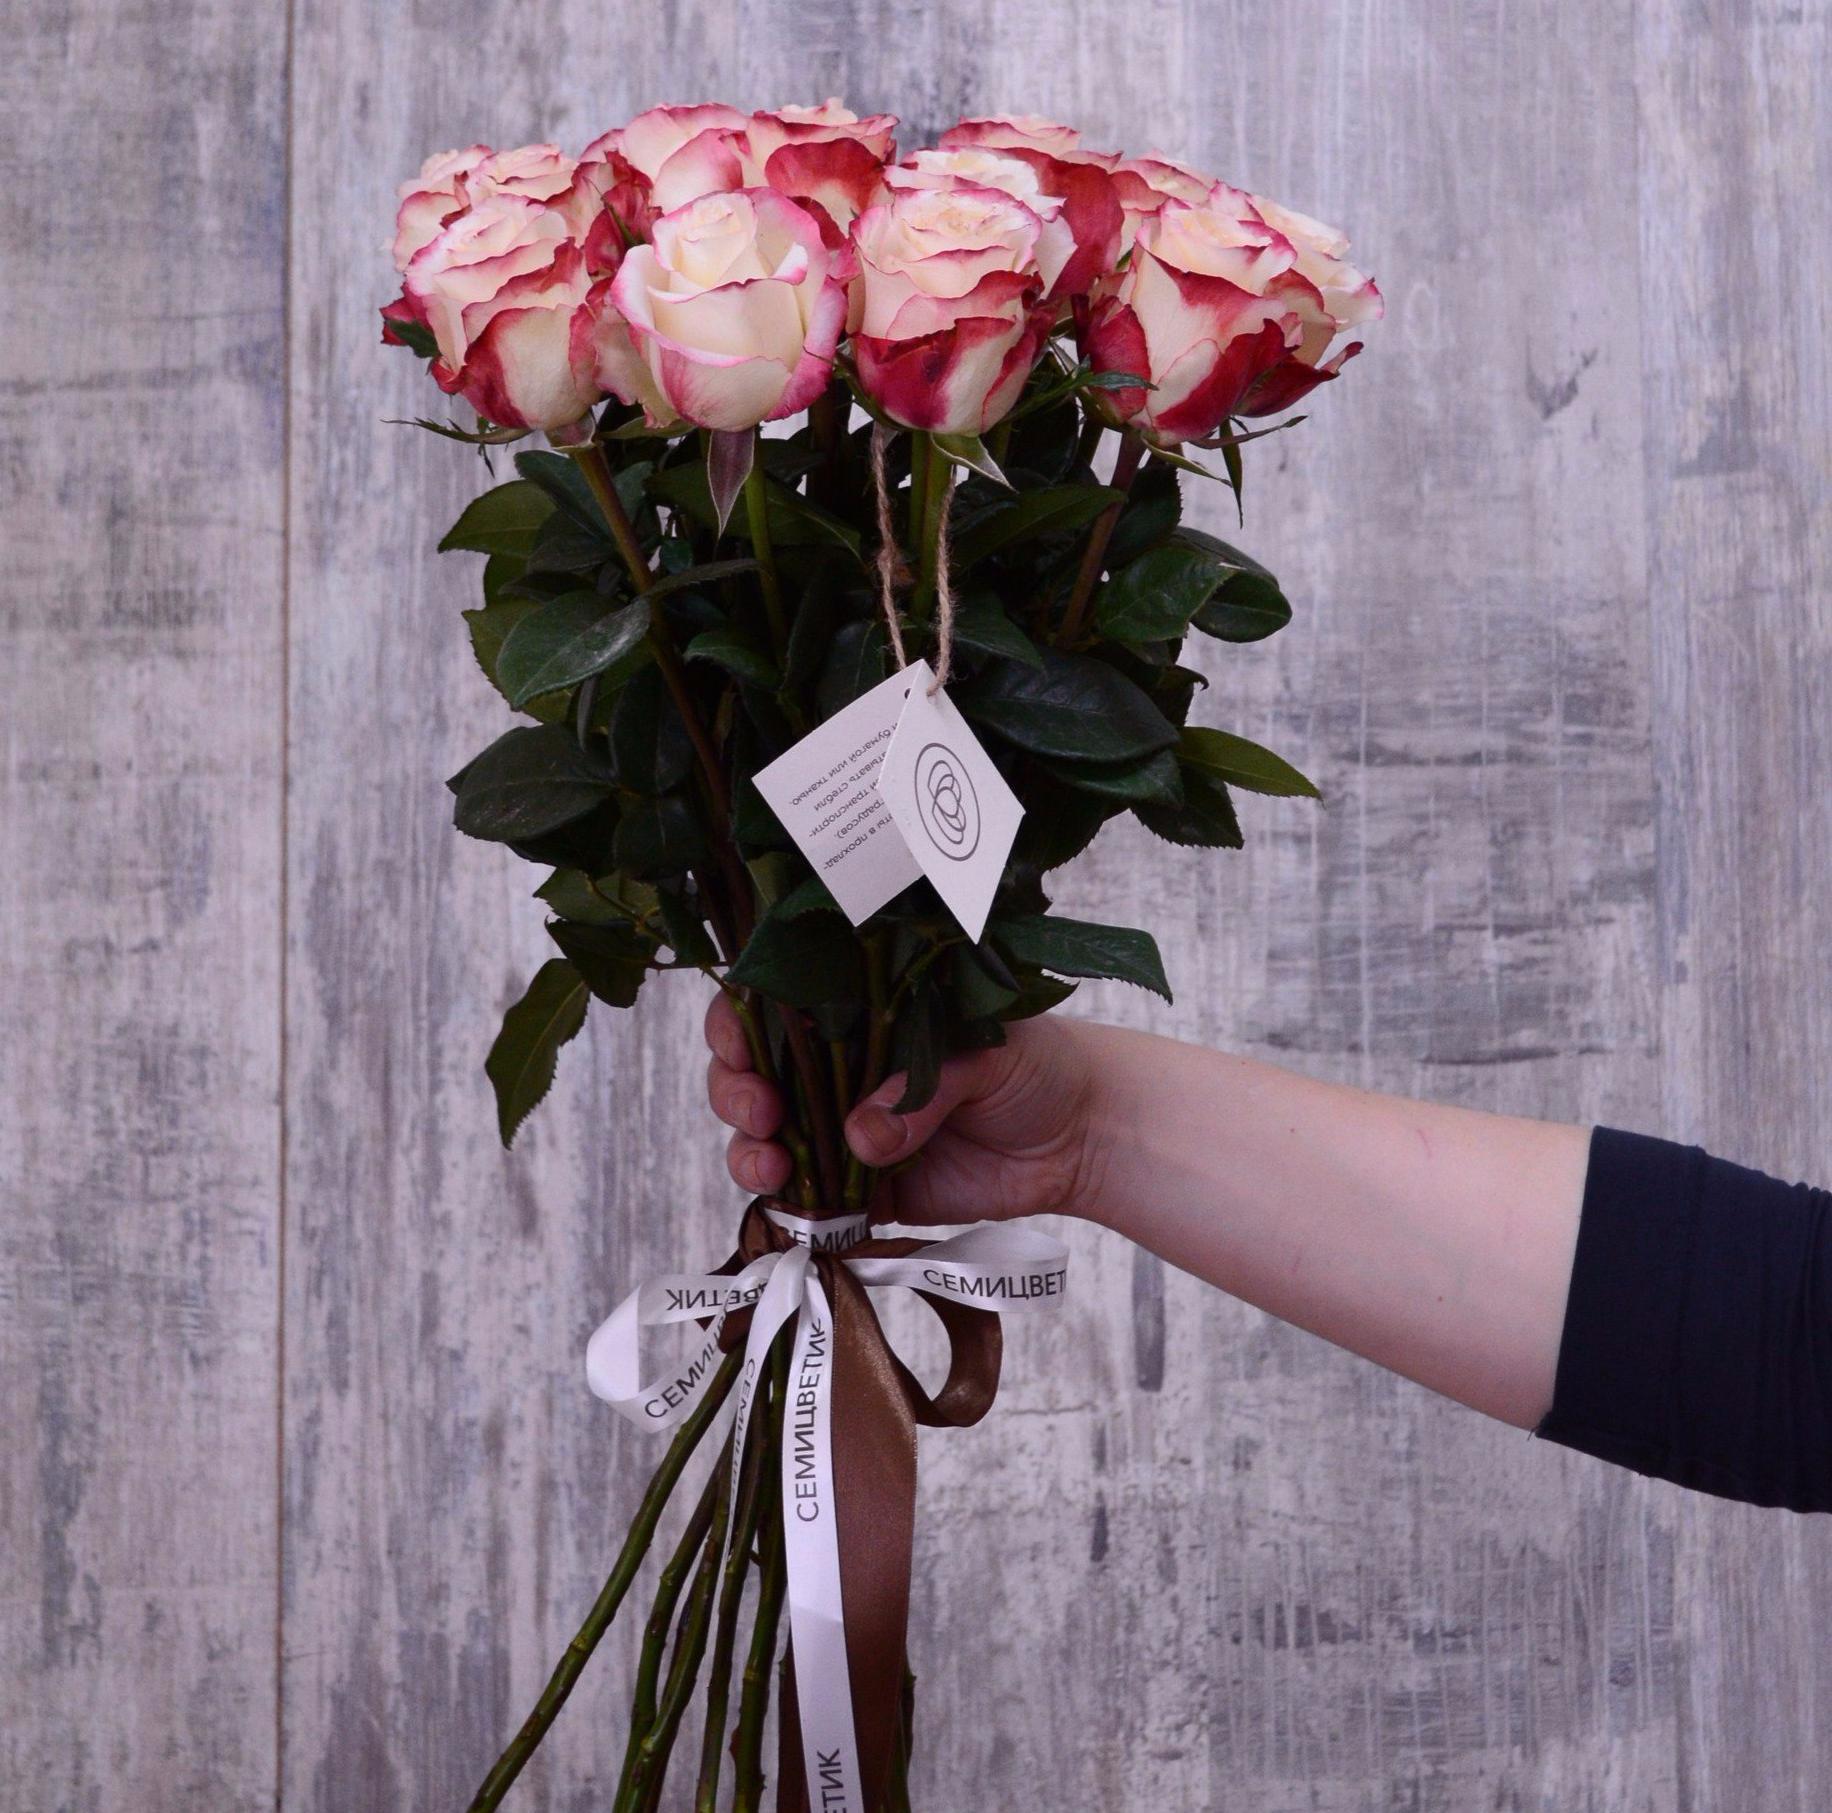 15 белых с красной каймой роз Sweetnes 50 см фото